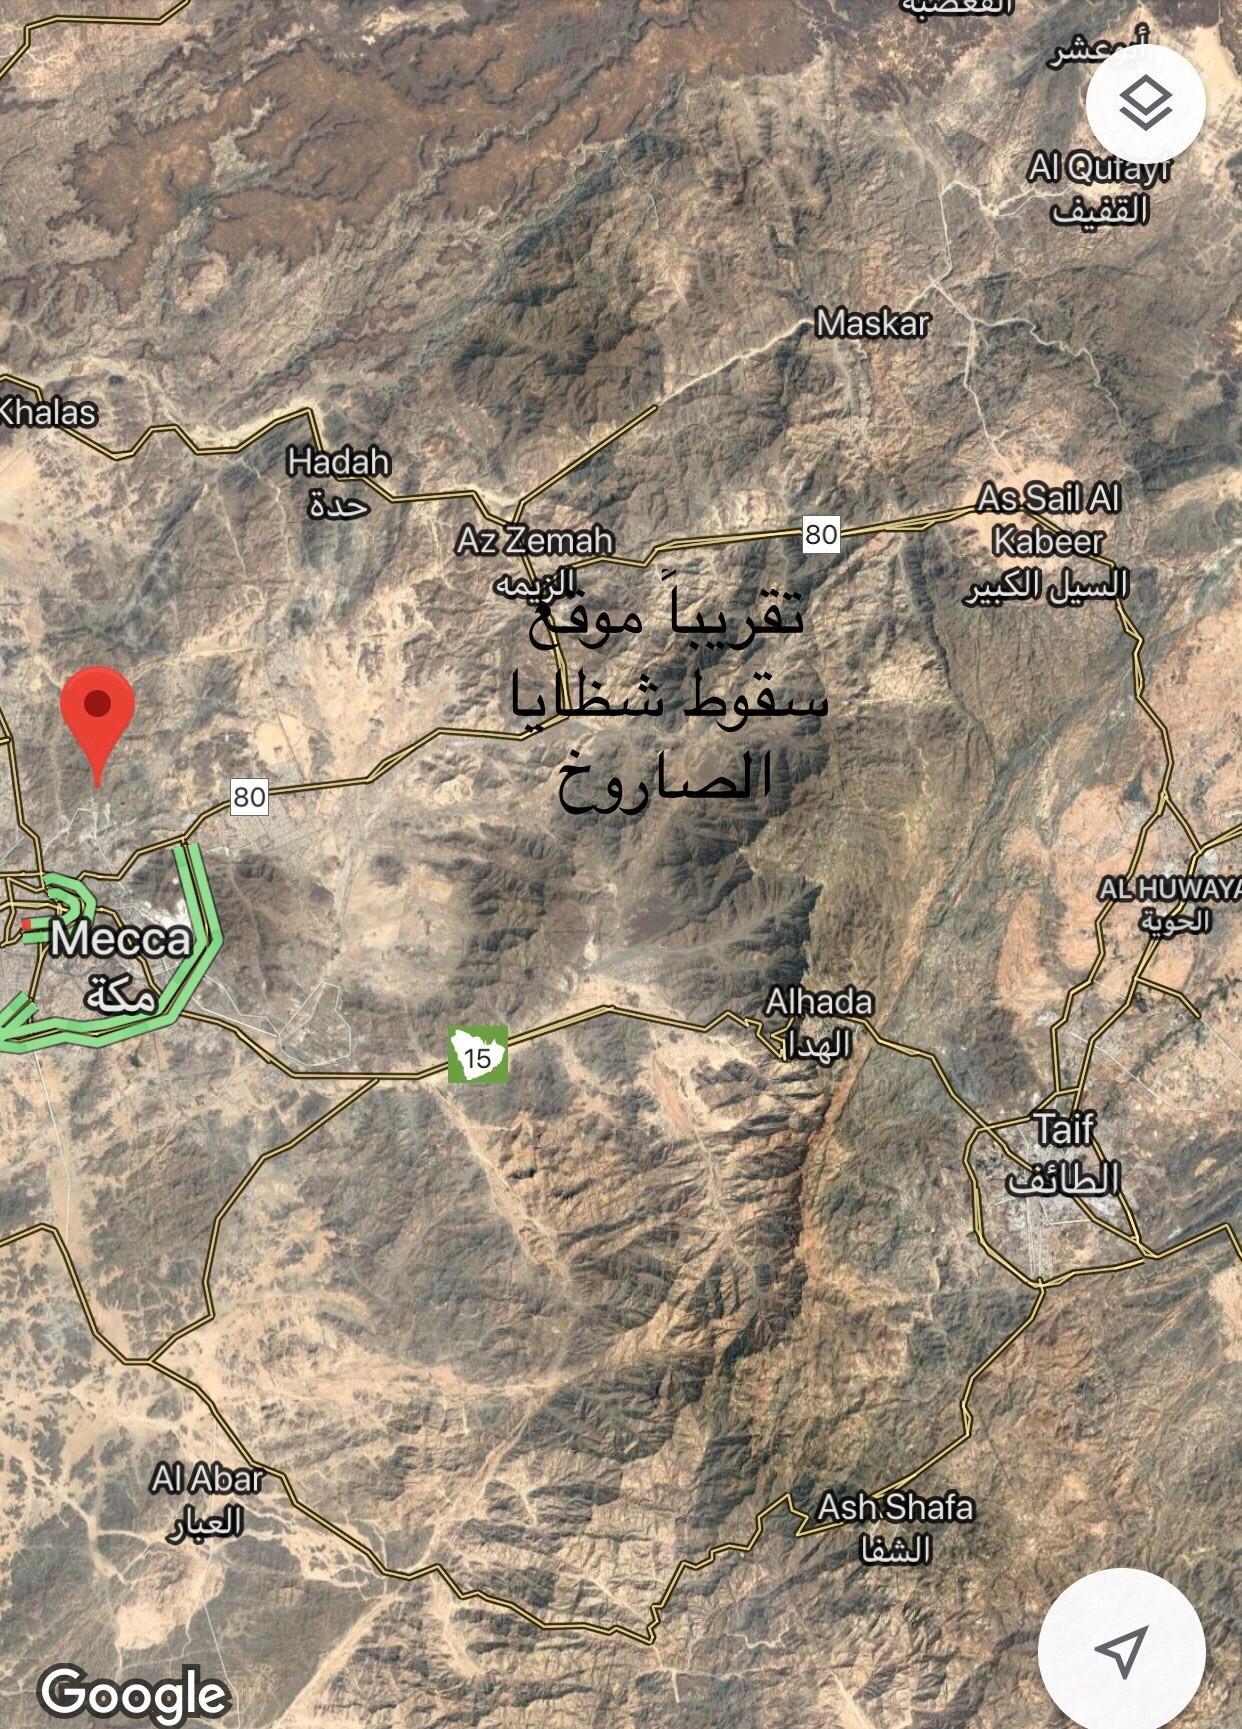 عاجل بالفيديو| اللحظات الأولى لاستهداف مكه وجده بصواريخ باليستية منذ قليل وتصدي القوات الجوية لها وبيان منتظر للسلطات السعودية 2